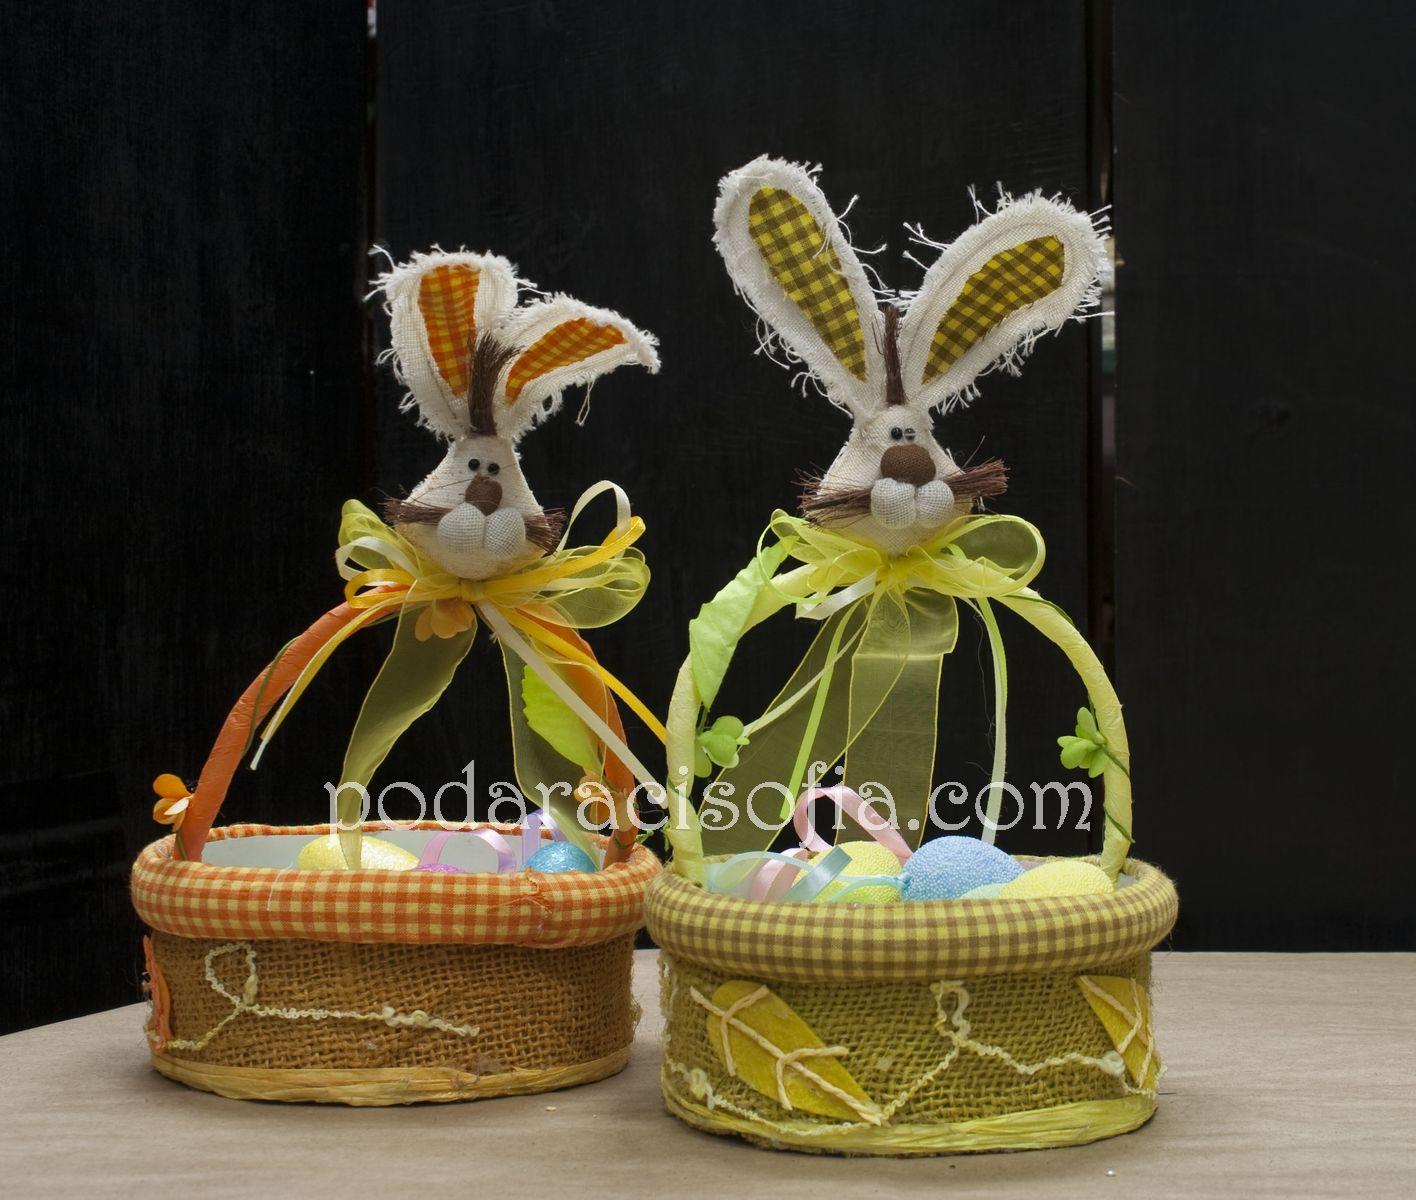 Кошнички за Великденски яйца със зайчета от магазин за подаръци Gifts